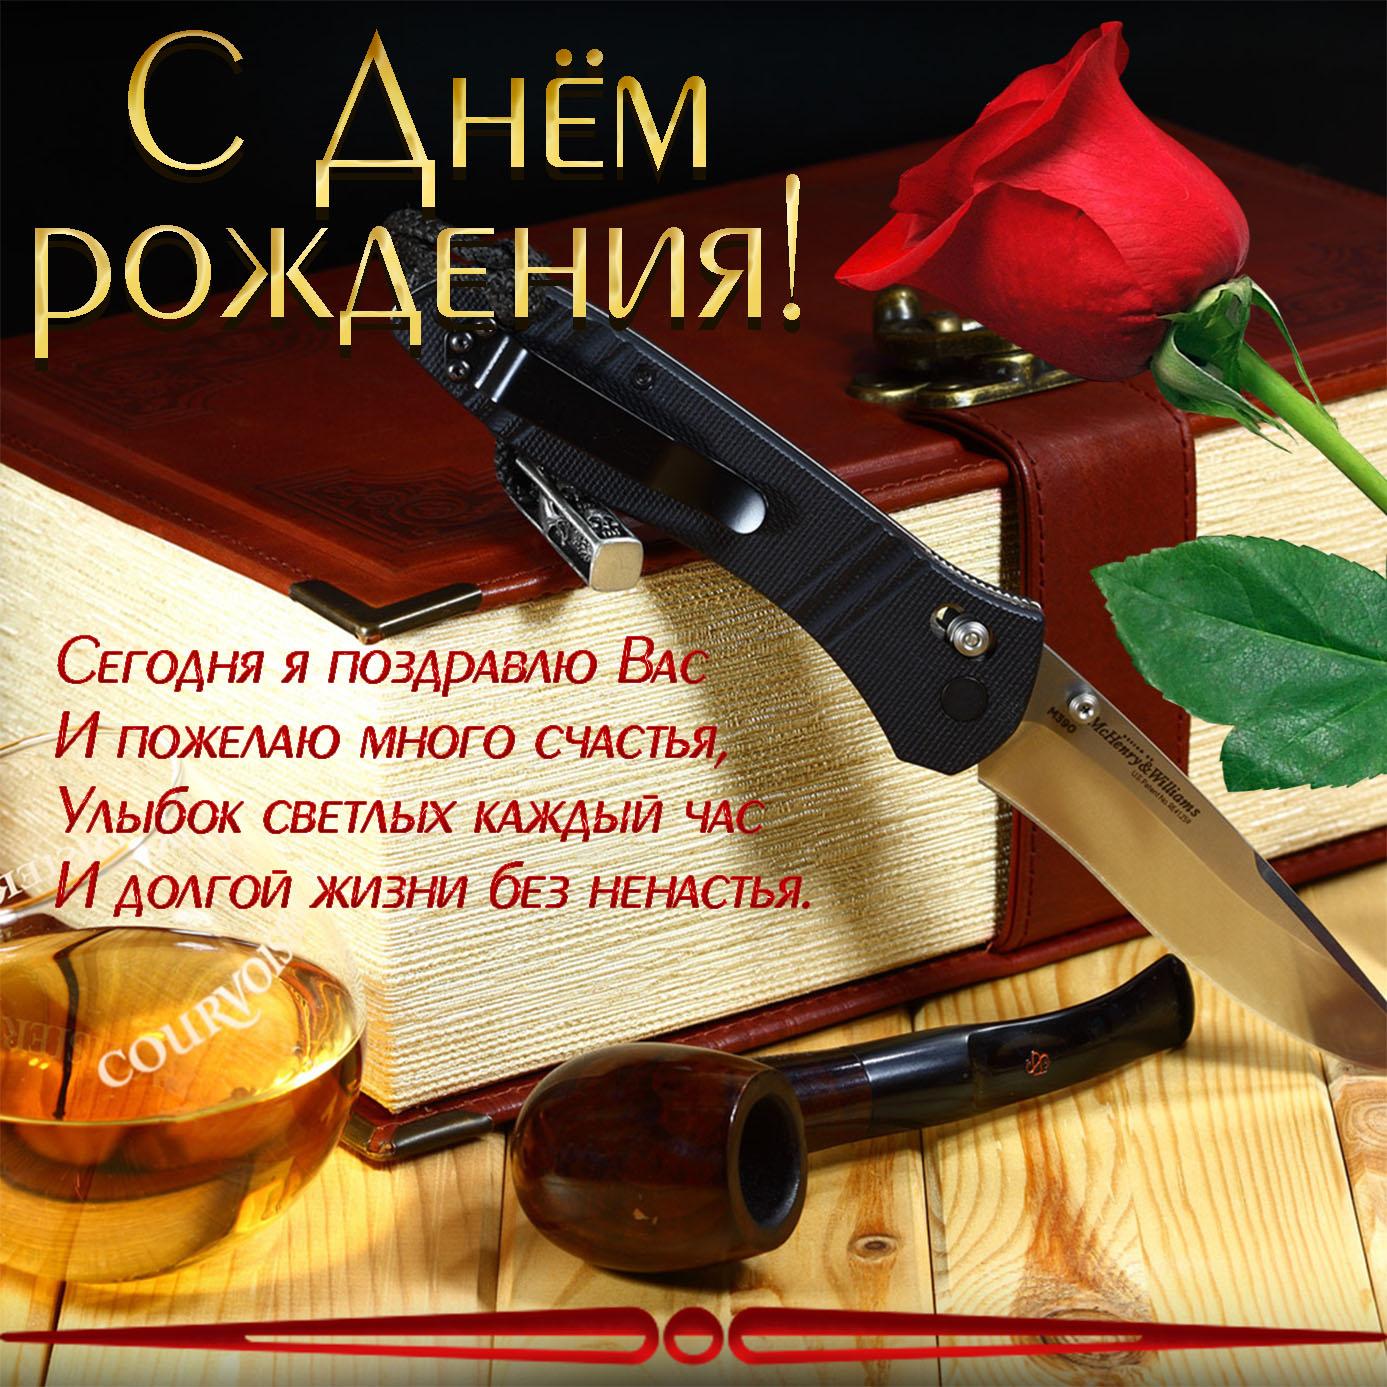 Открытка для мужчины с розой и трубкой